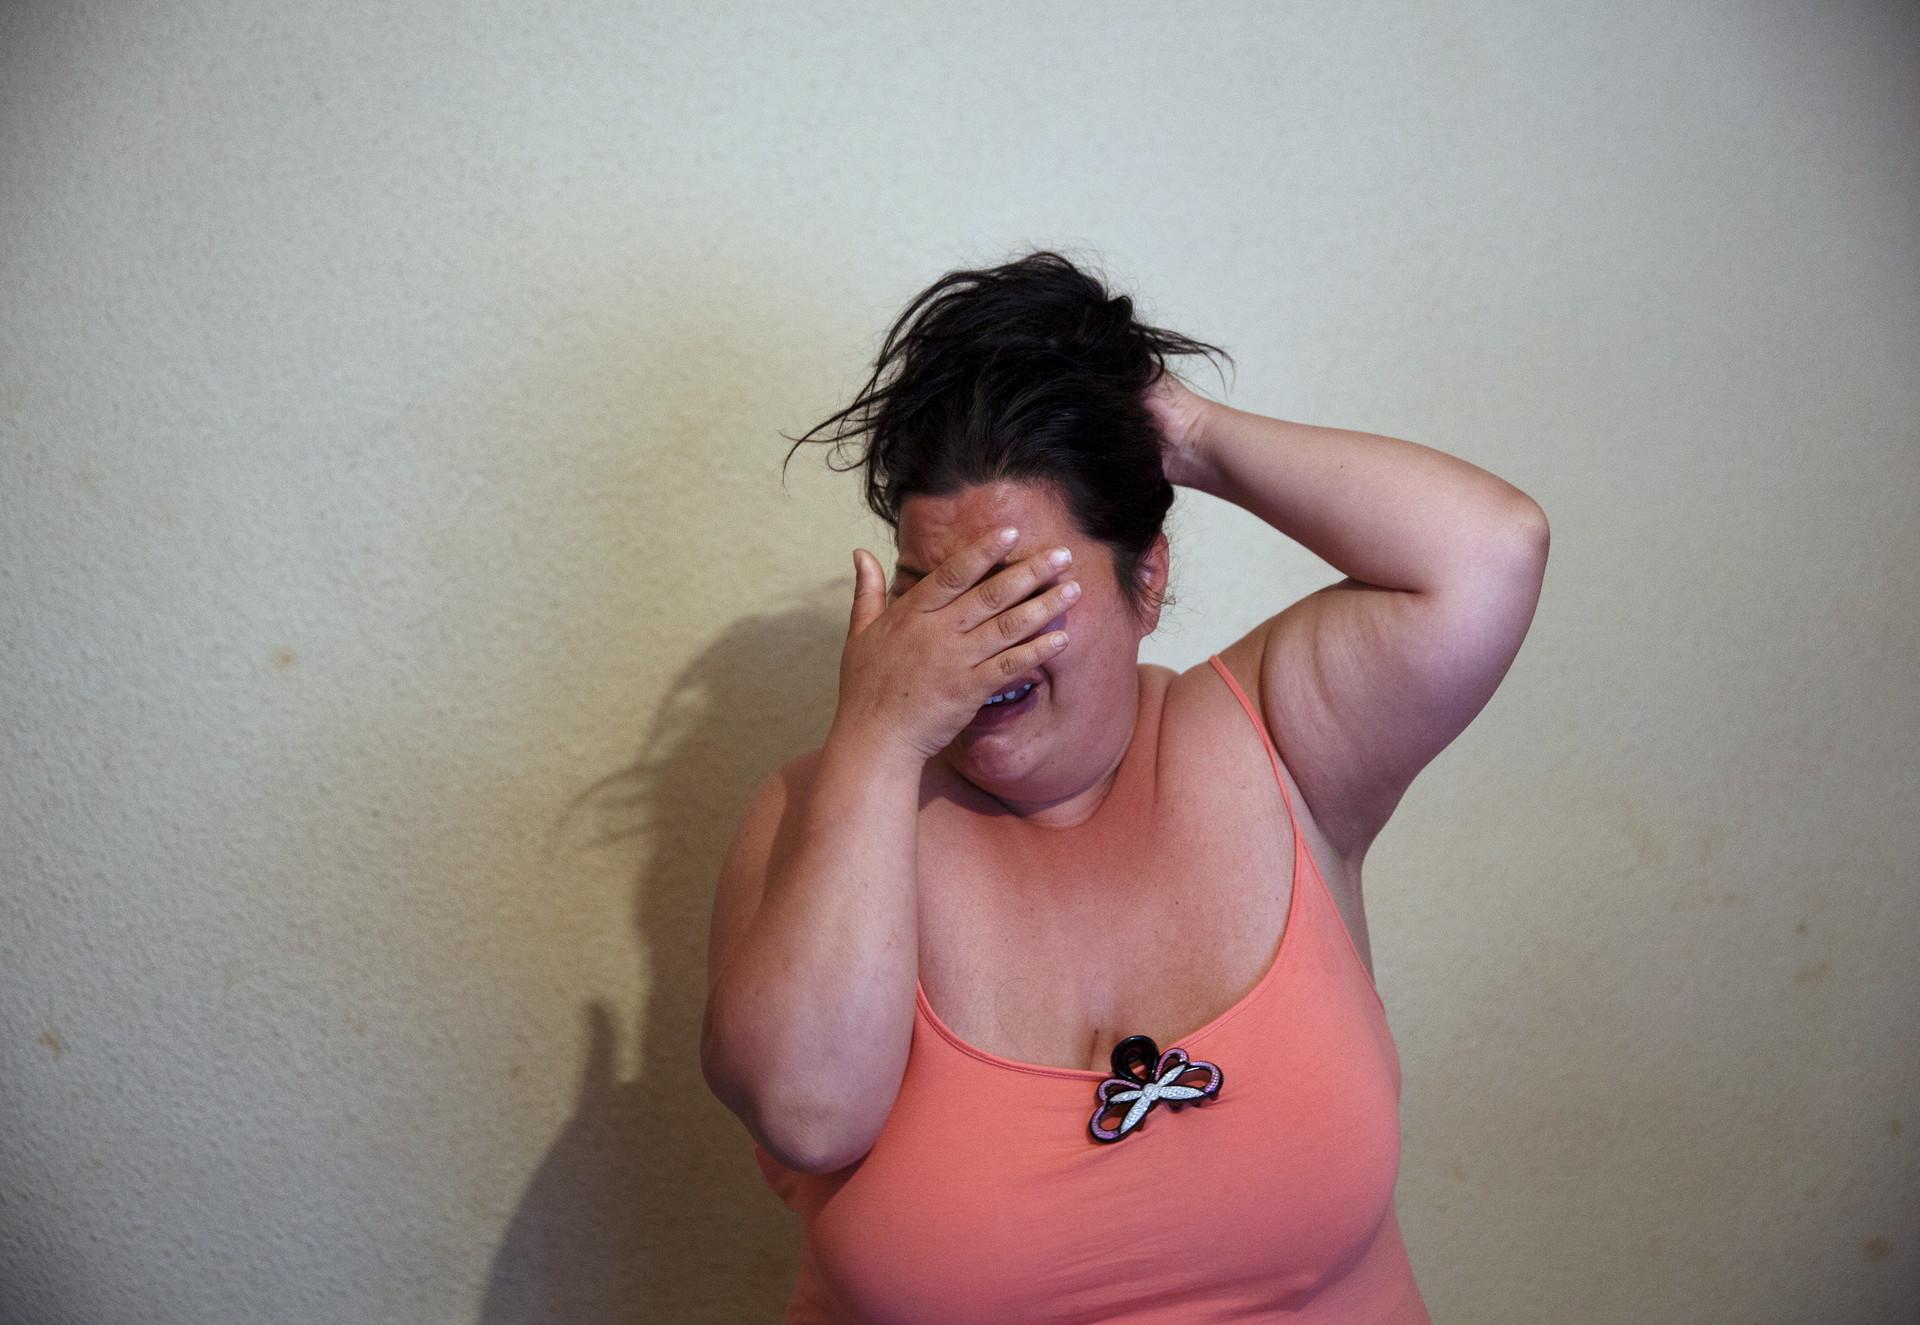 Soledad Salazar, de 36 años, llora antes de enterarse de que su desalojo fue suspendido temporalmente, Torrejón de Ardoz, cerca de Madrid, el 10 de Abril de 2015.